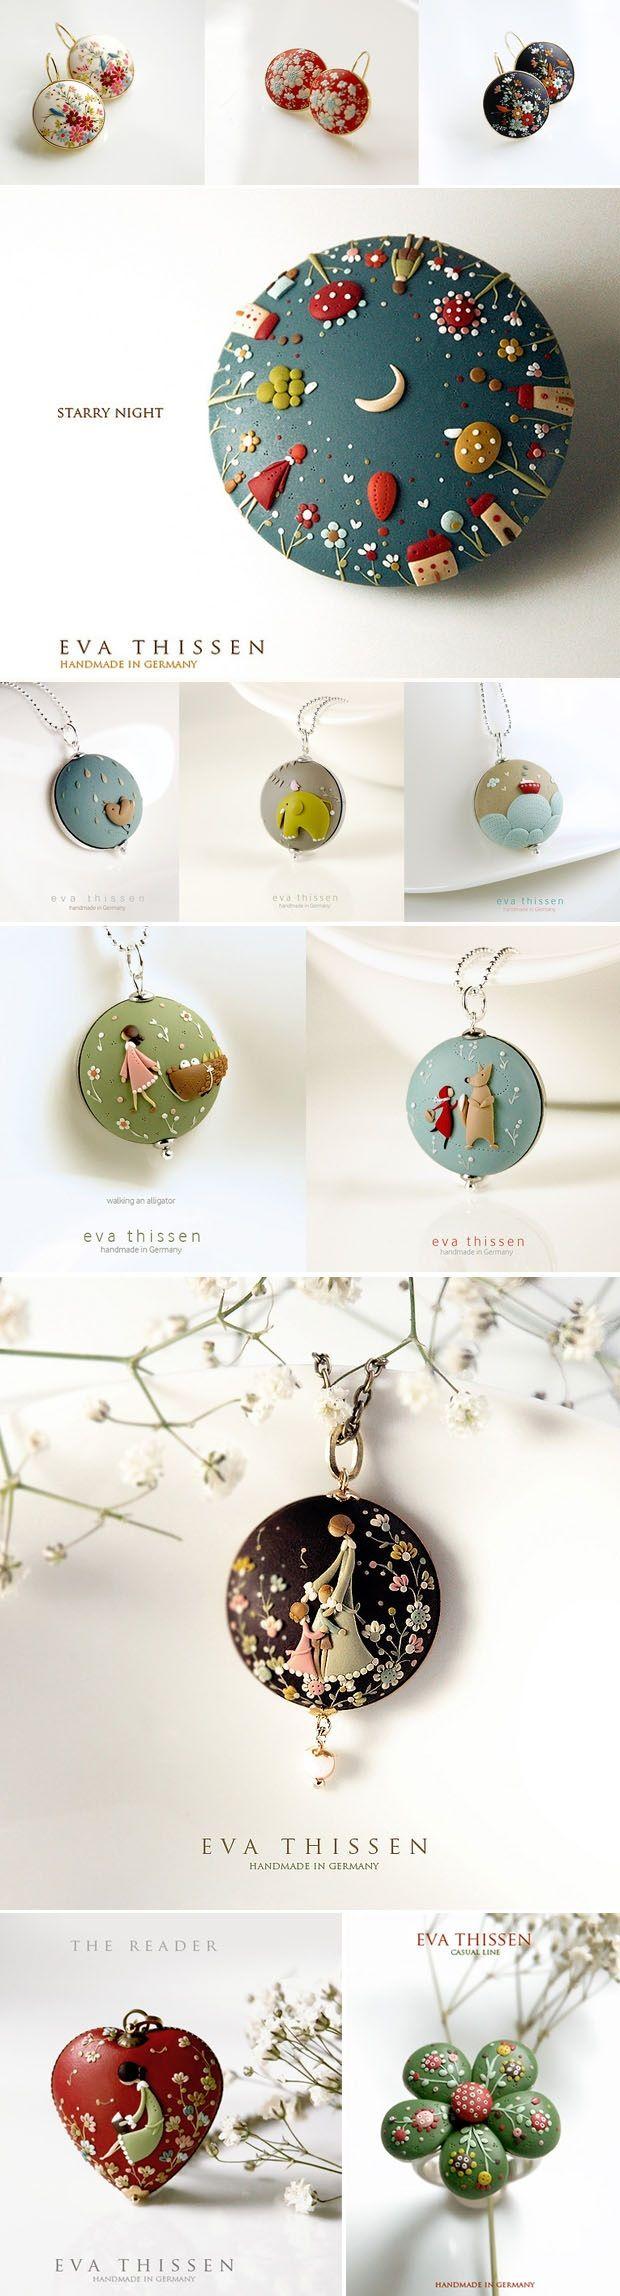 Šperky z FIMA prekypujúce detailami   Eva Thissen